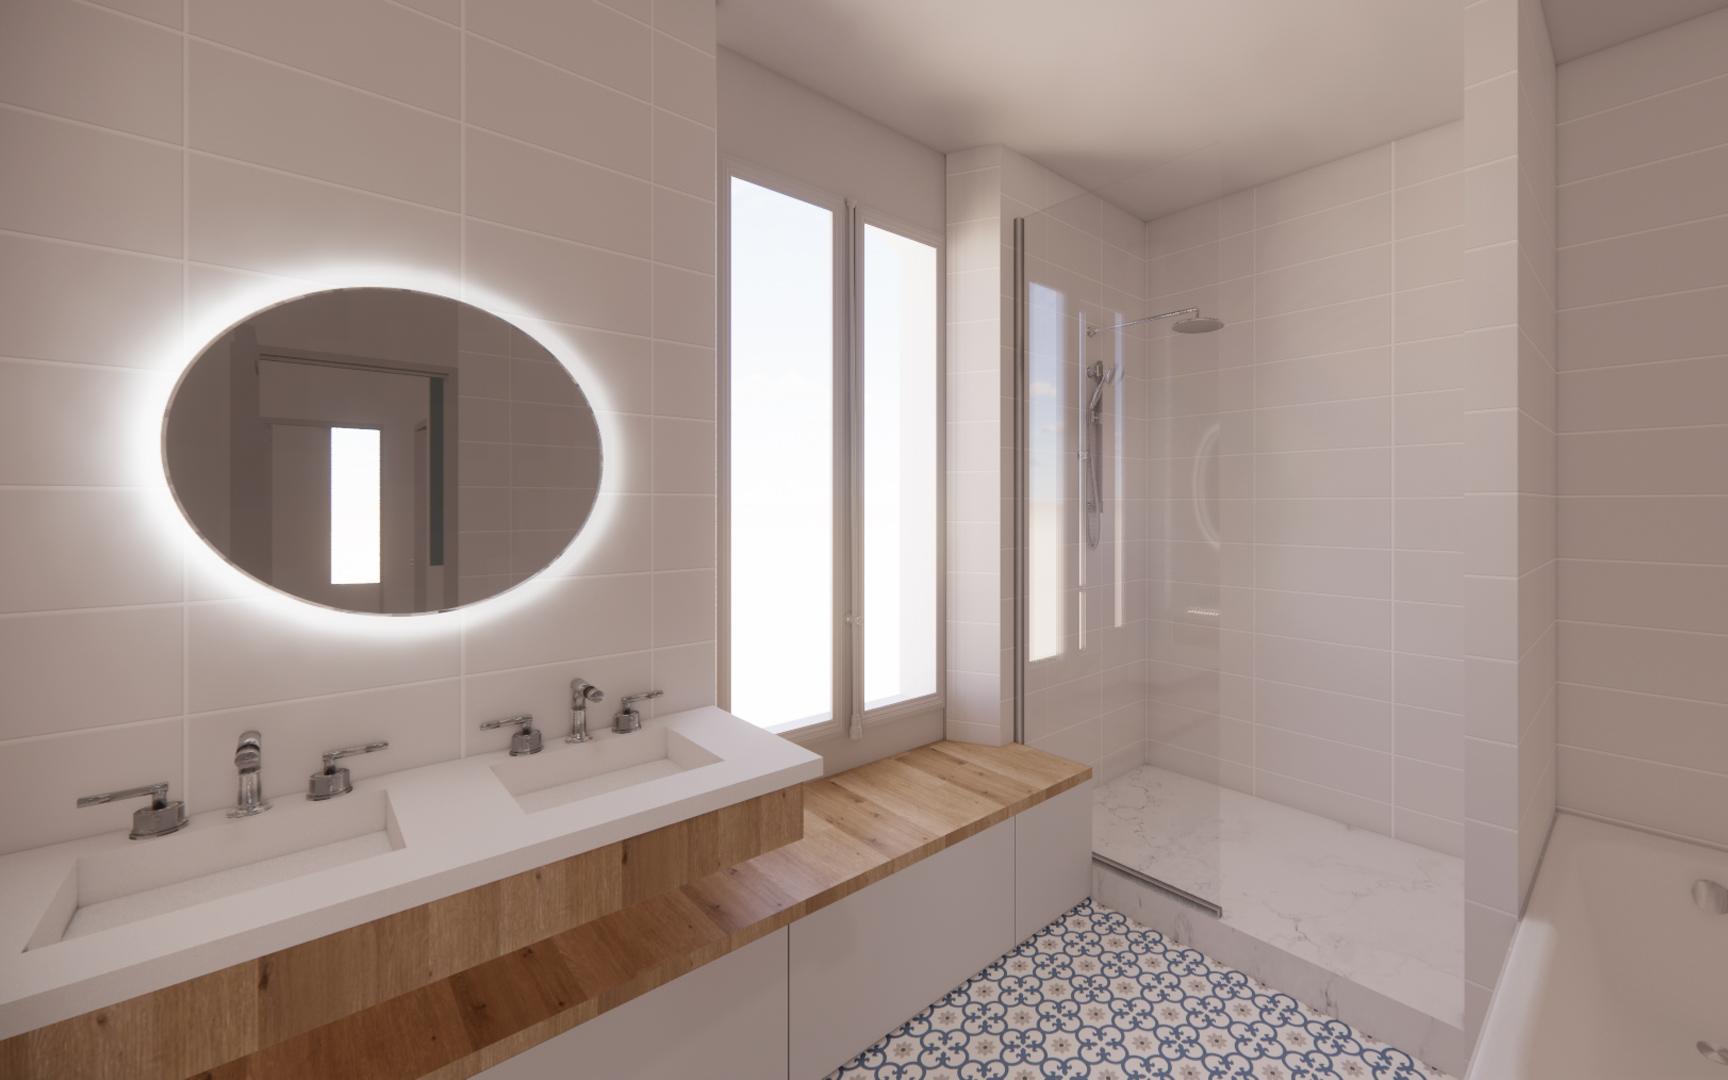 06-salle-de-bain-beige